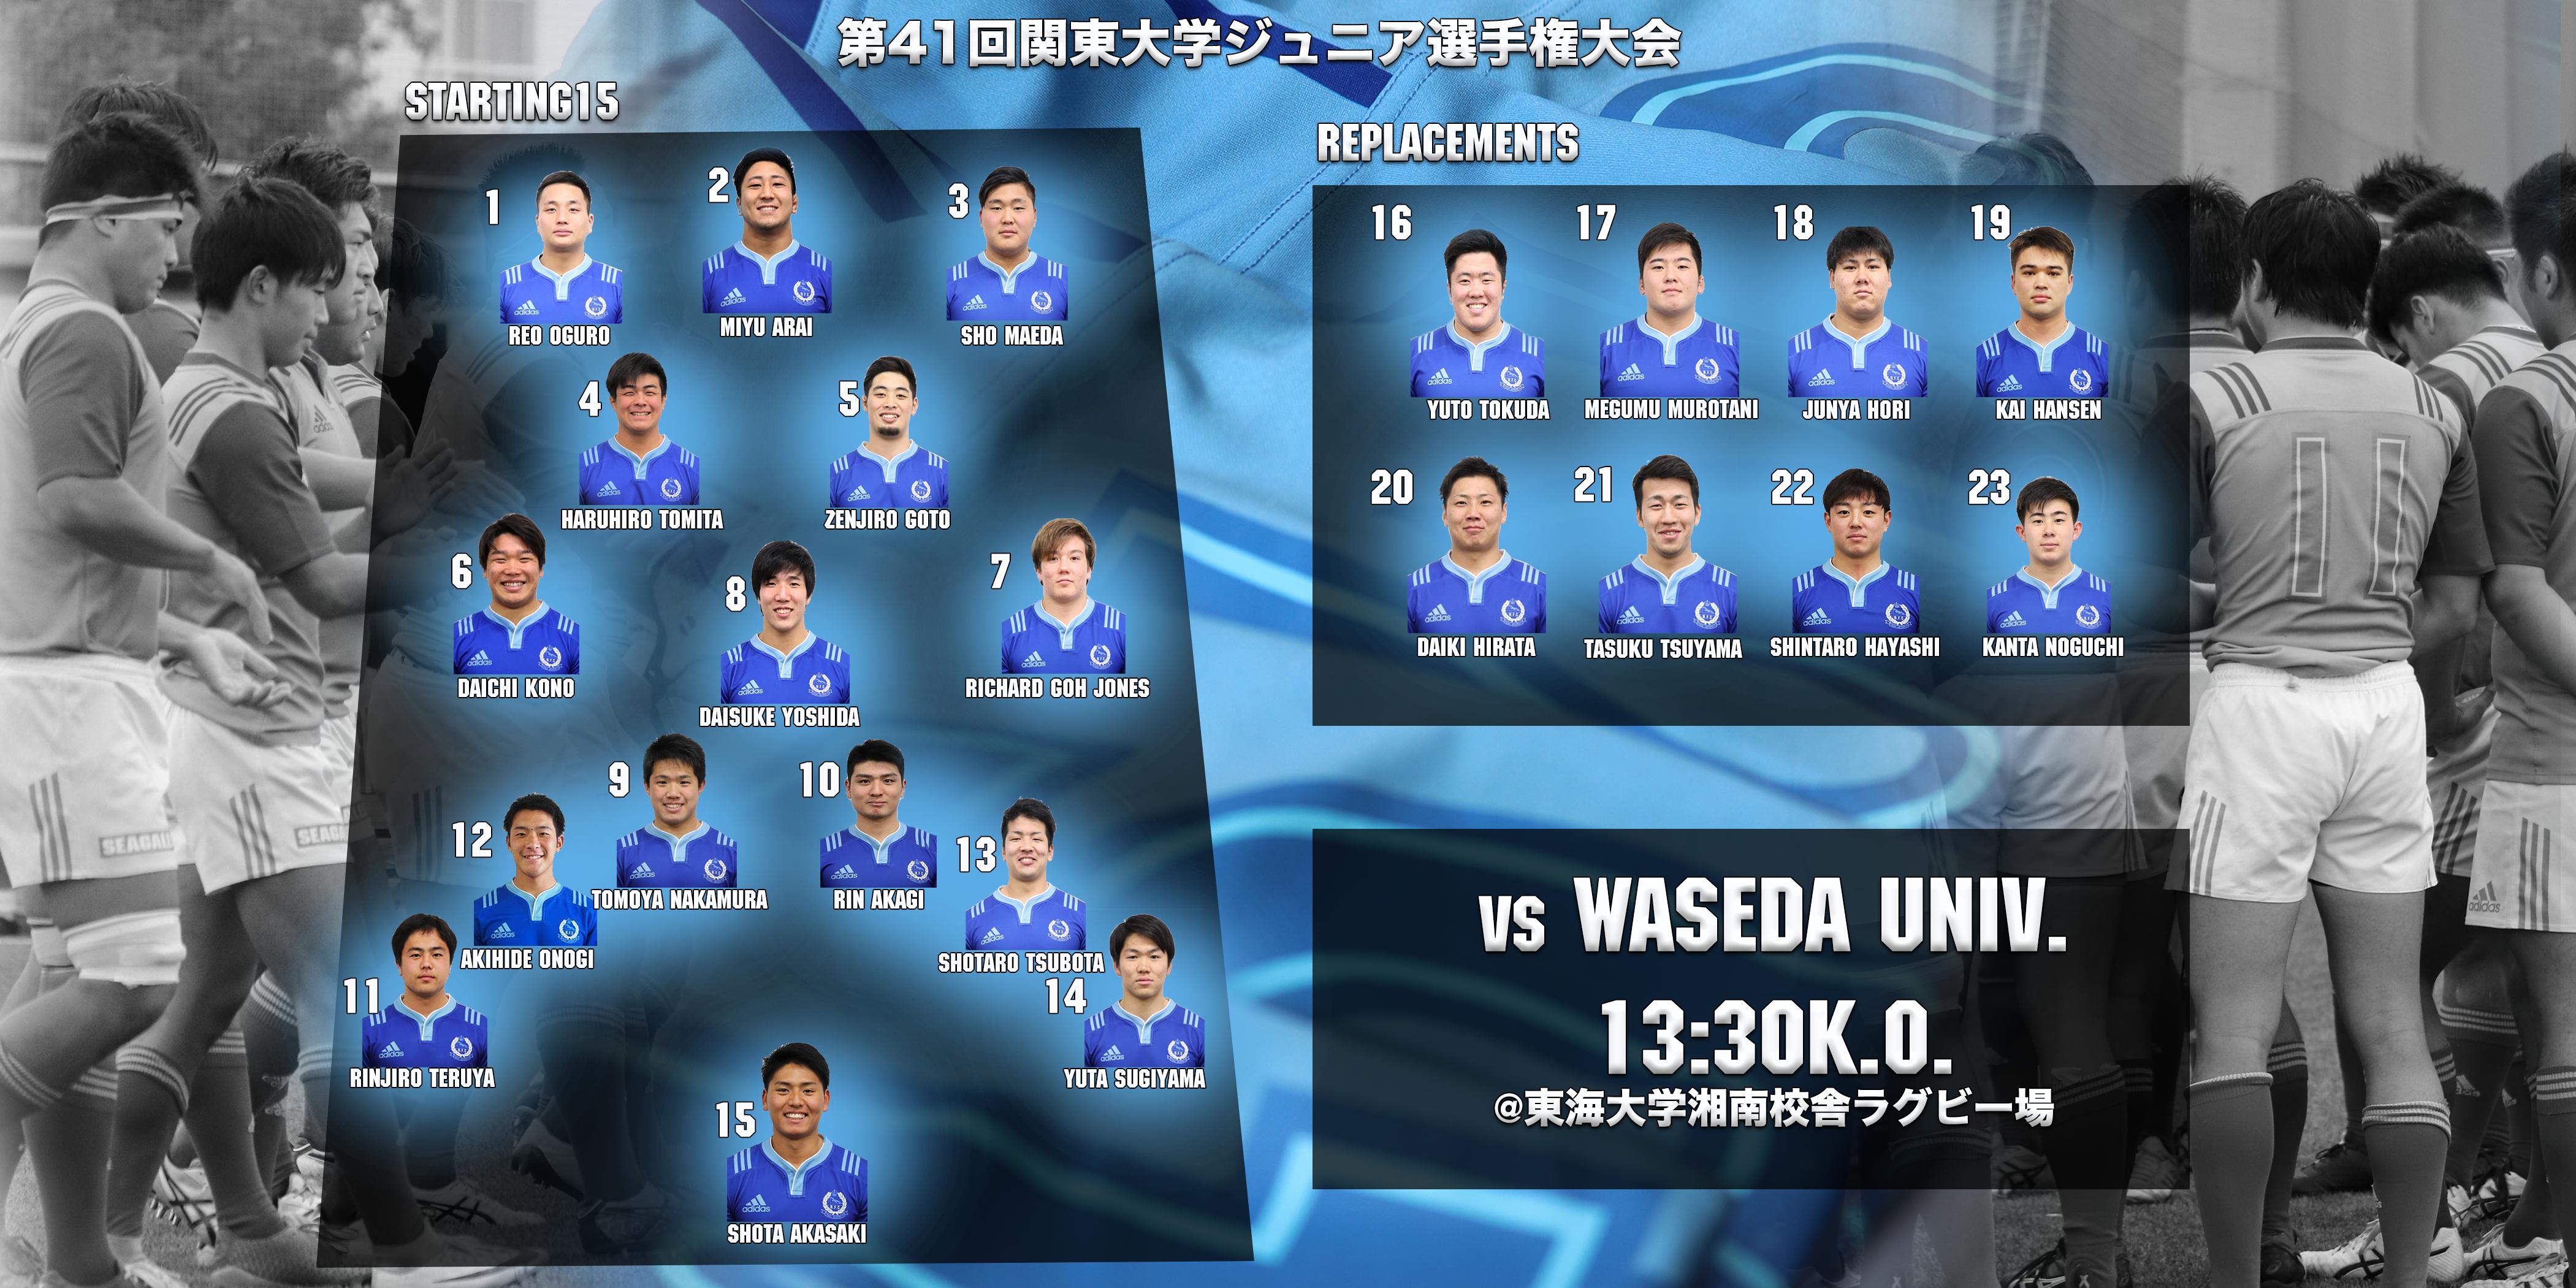 1020Jr.早稲田大学戦 member15 (twitter).png